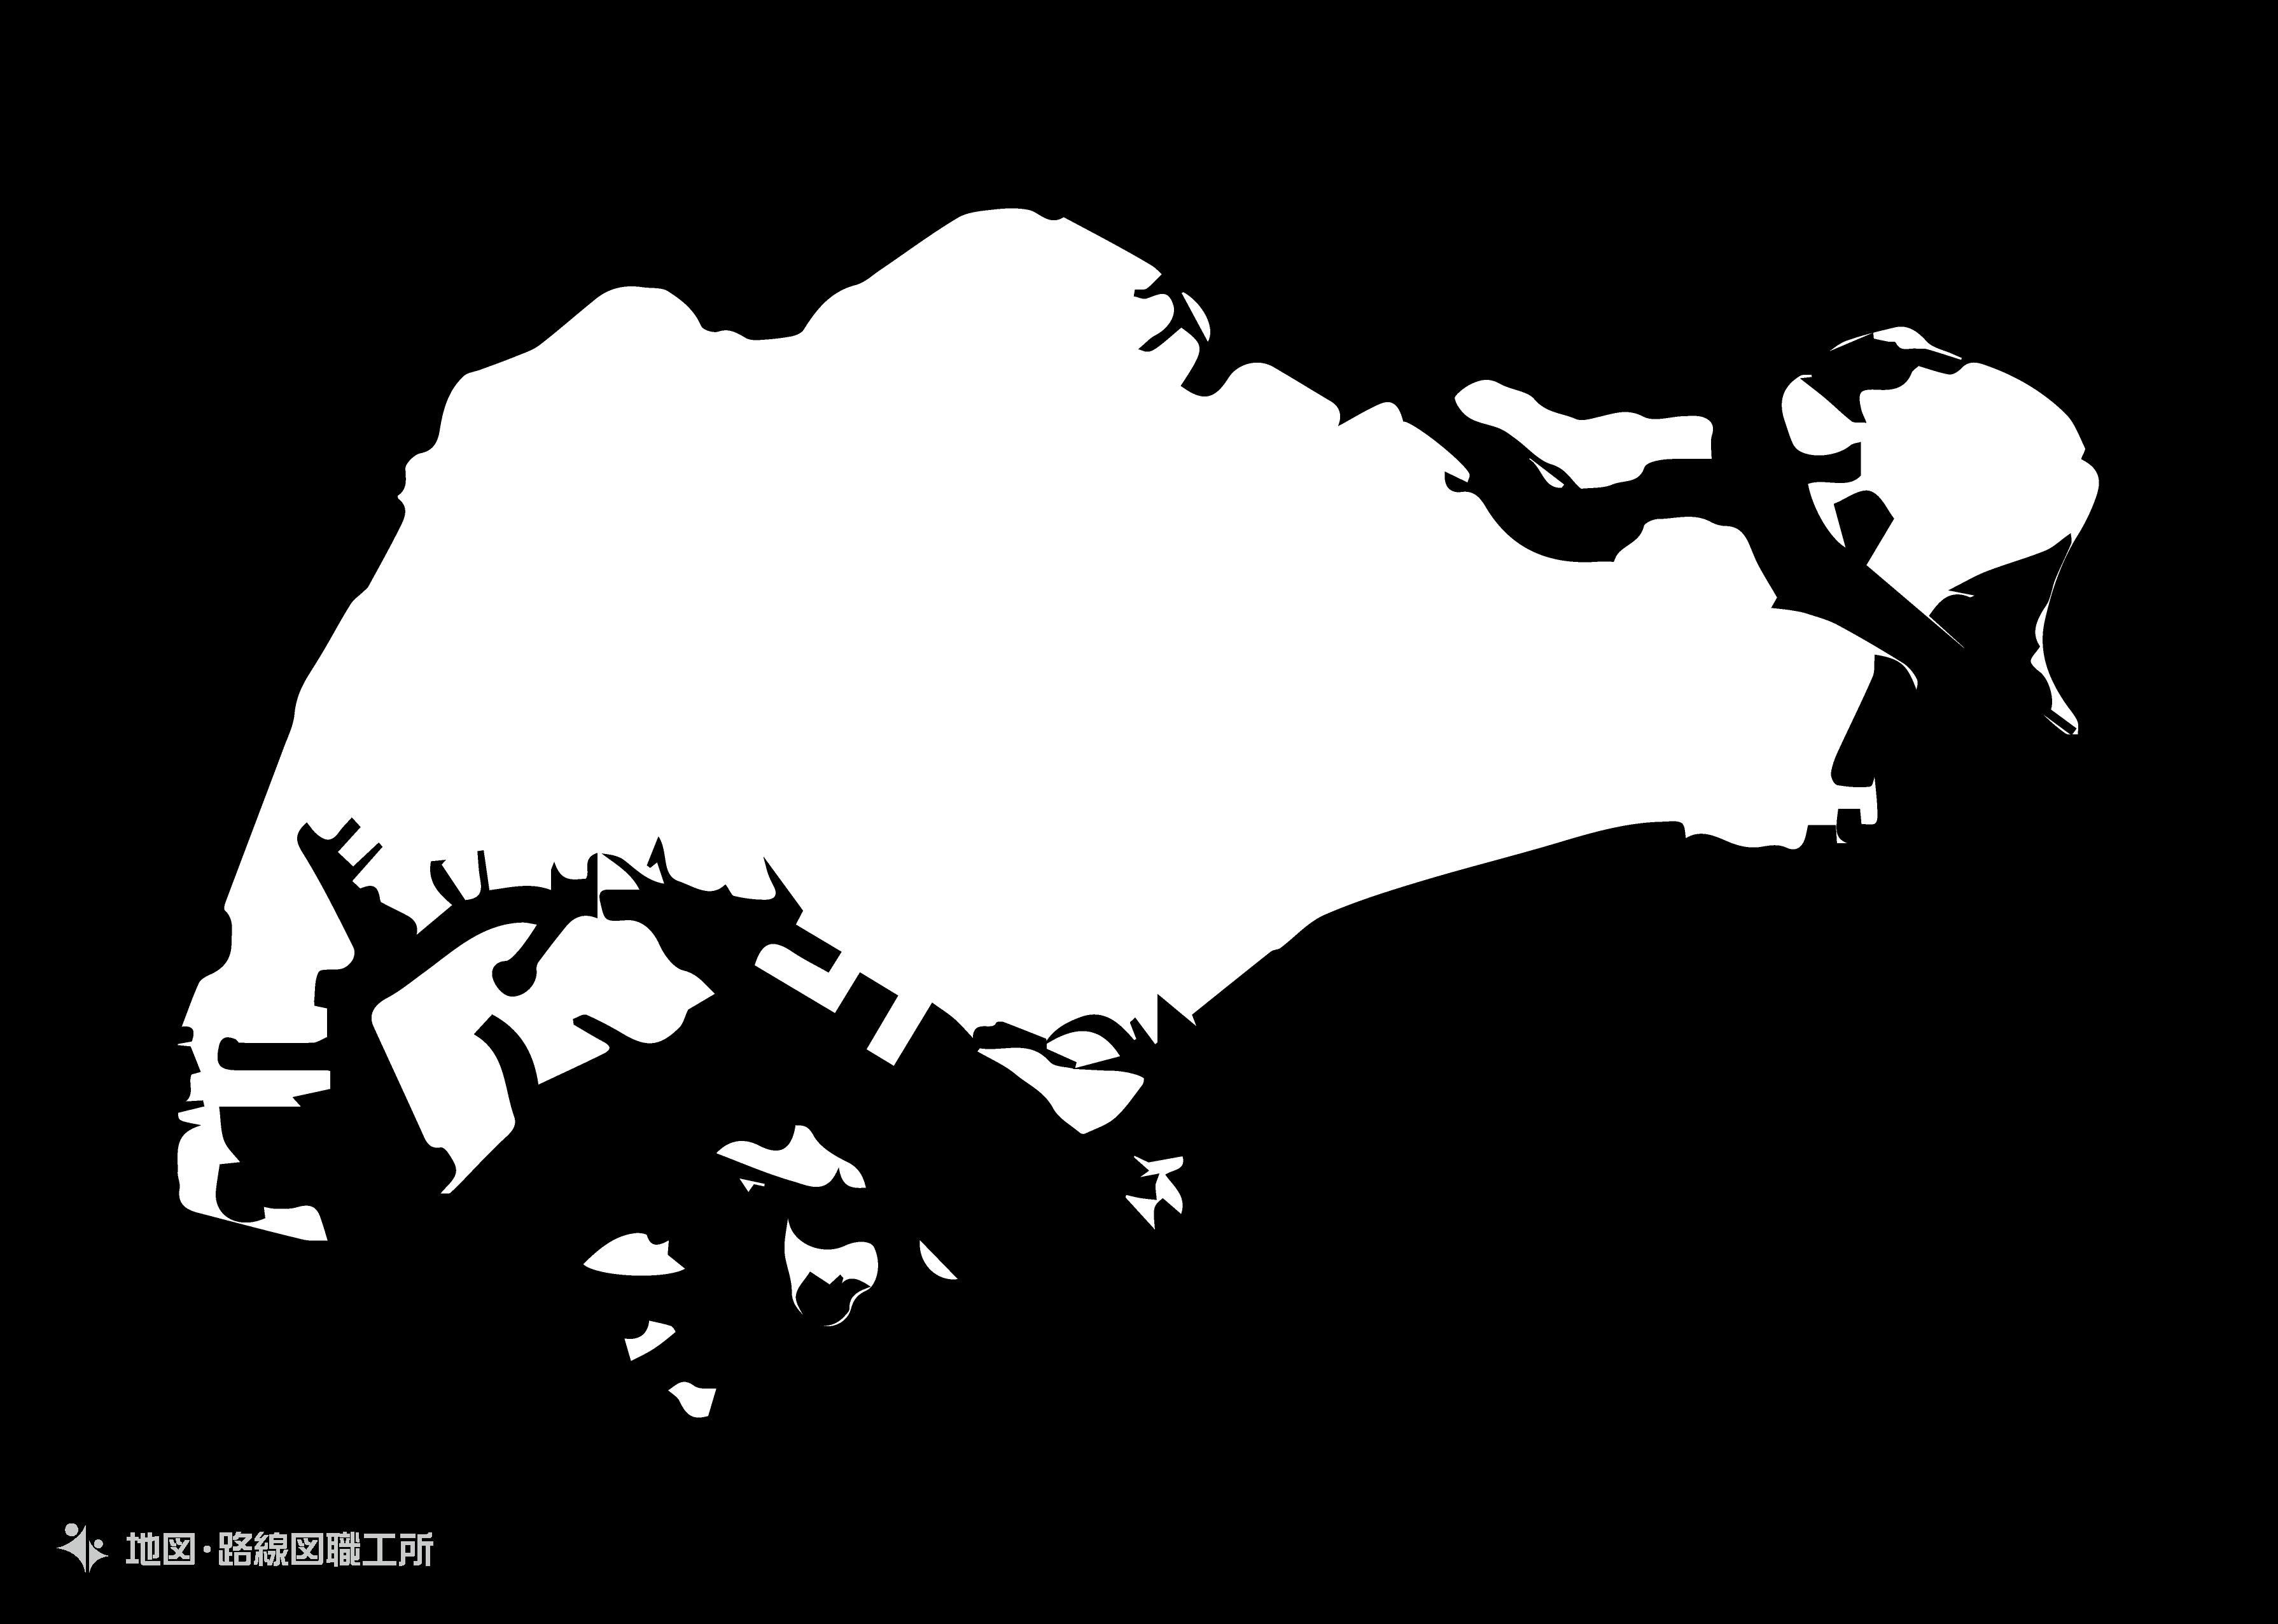 世界の白地図 シンガポール共和国 republic-of-singapore map